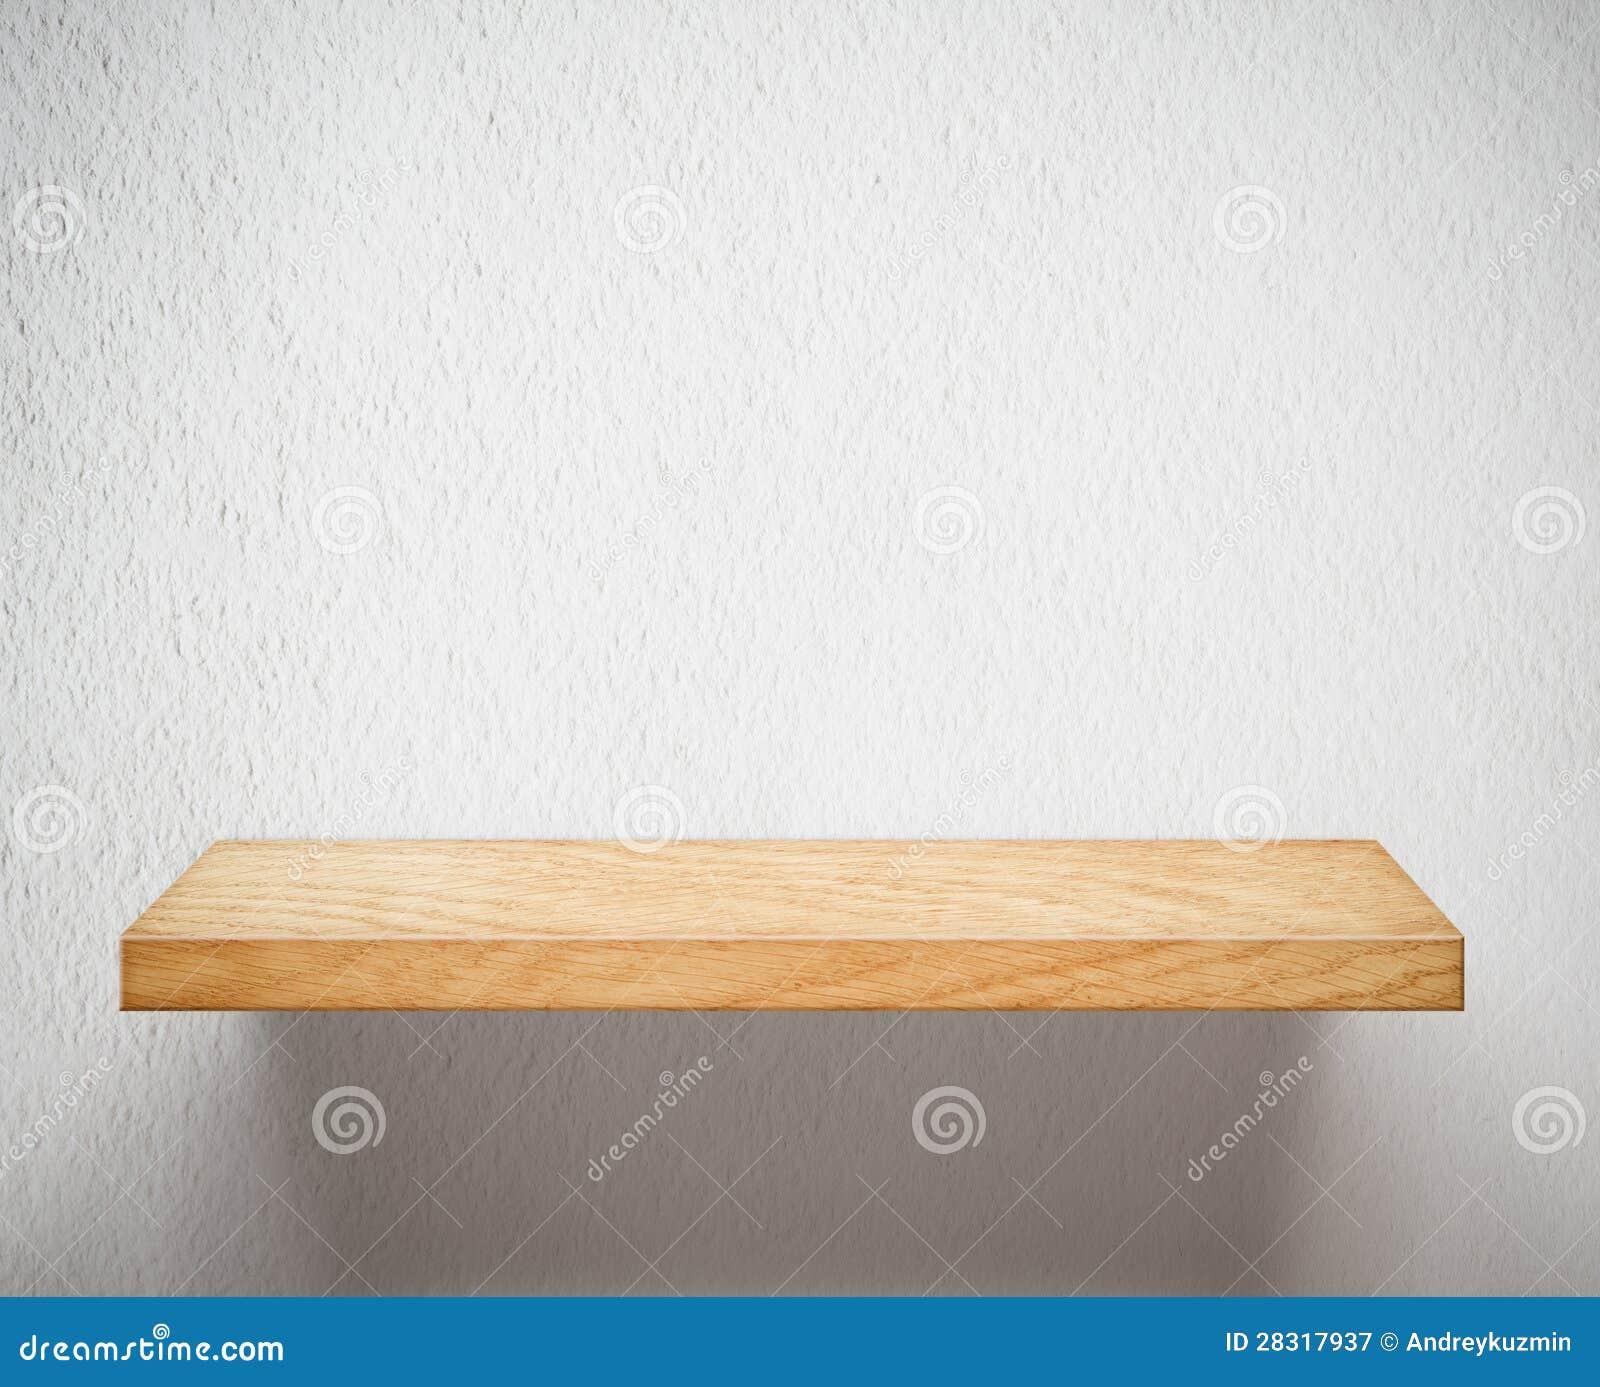 Houten Plank Voor Aan Muur.Leeg Houten Plank Of Boekenrek Op Witte Muur Stock Afbeelding